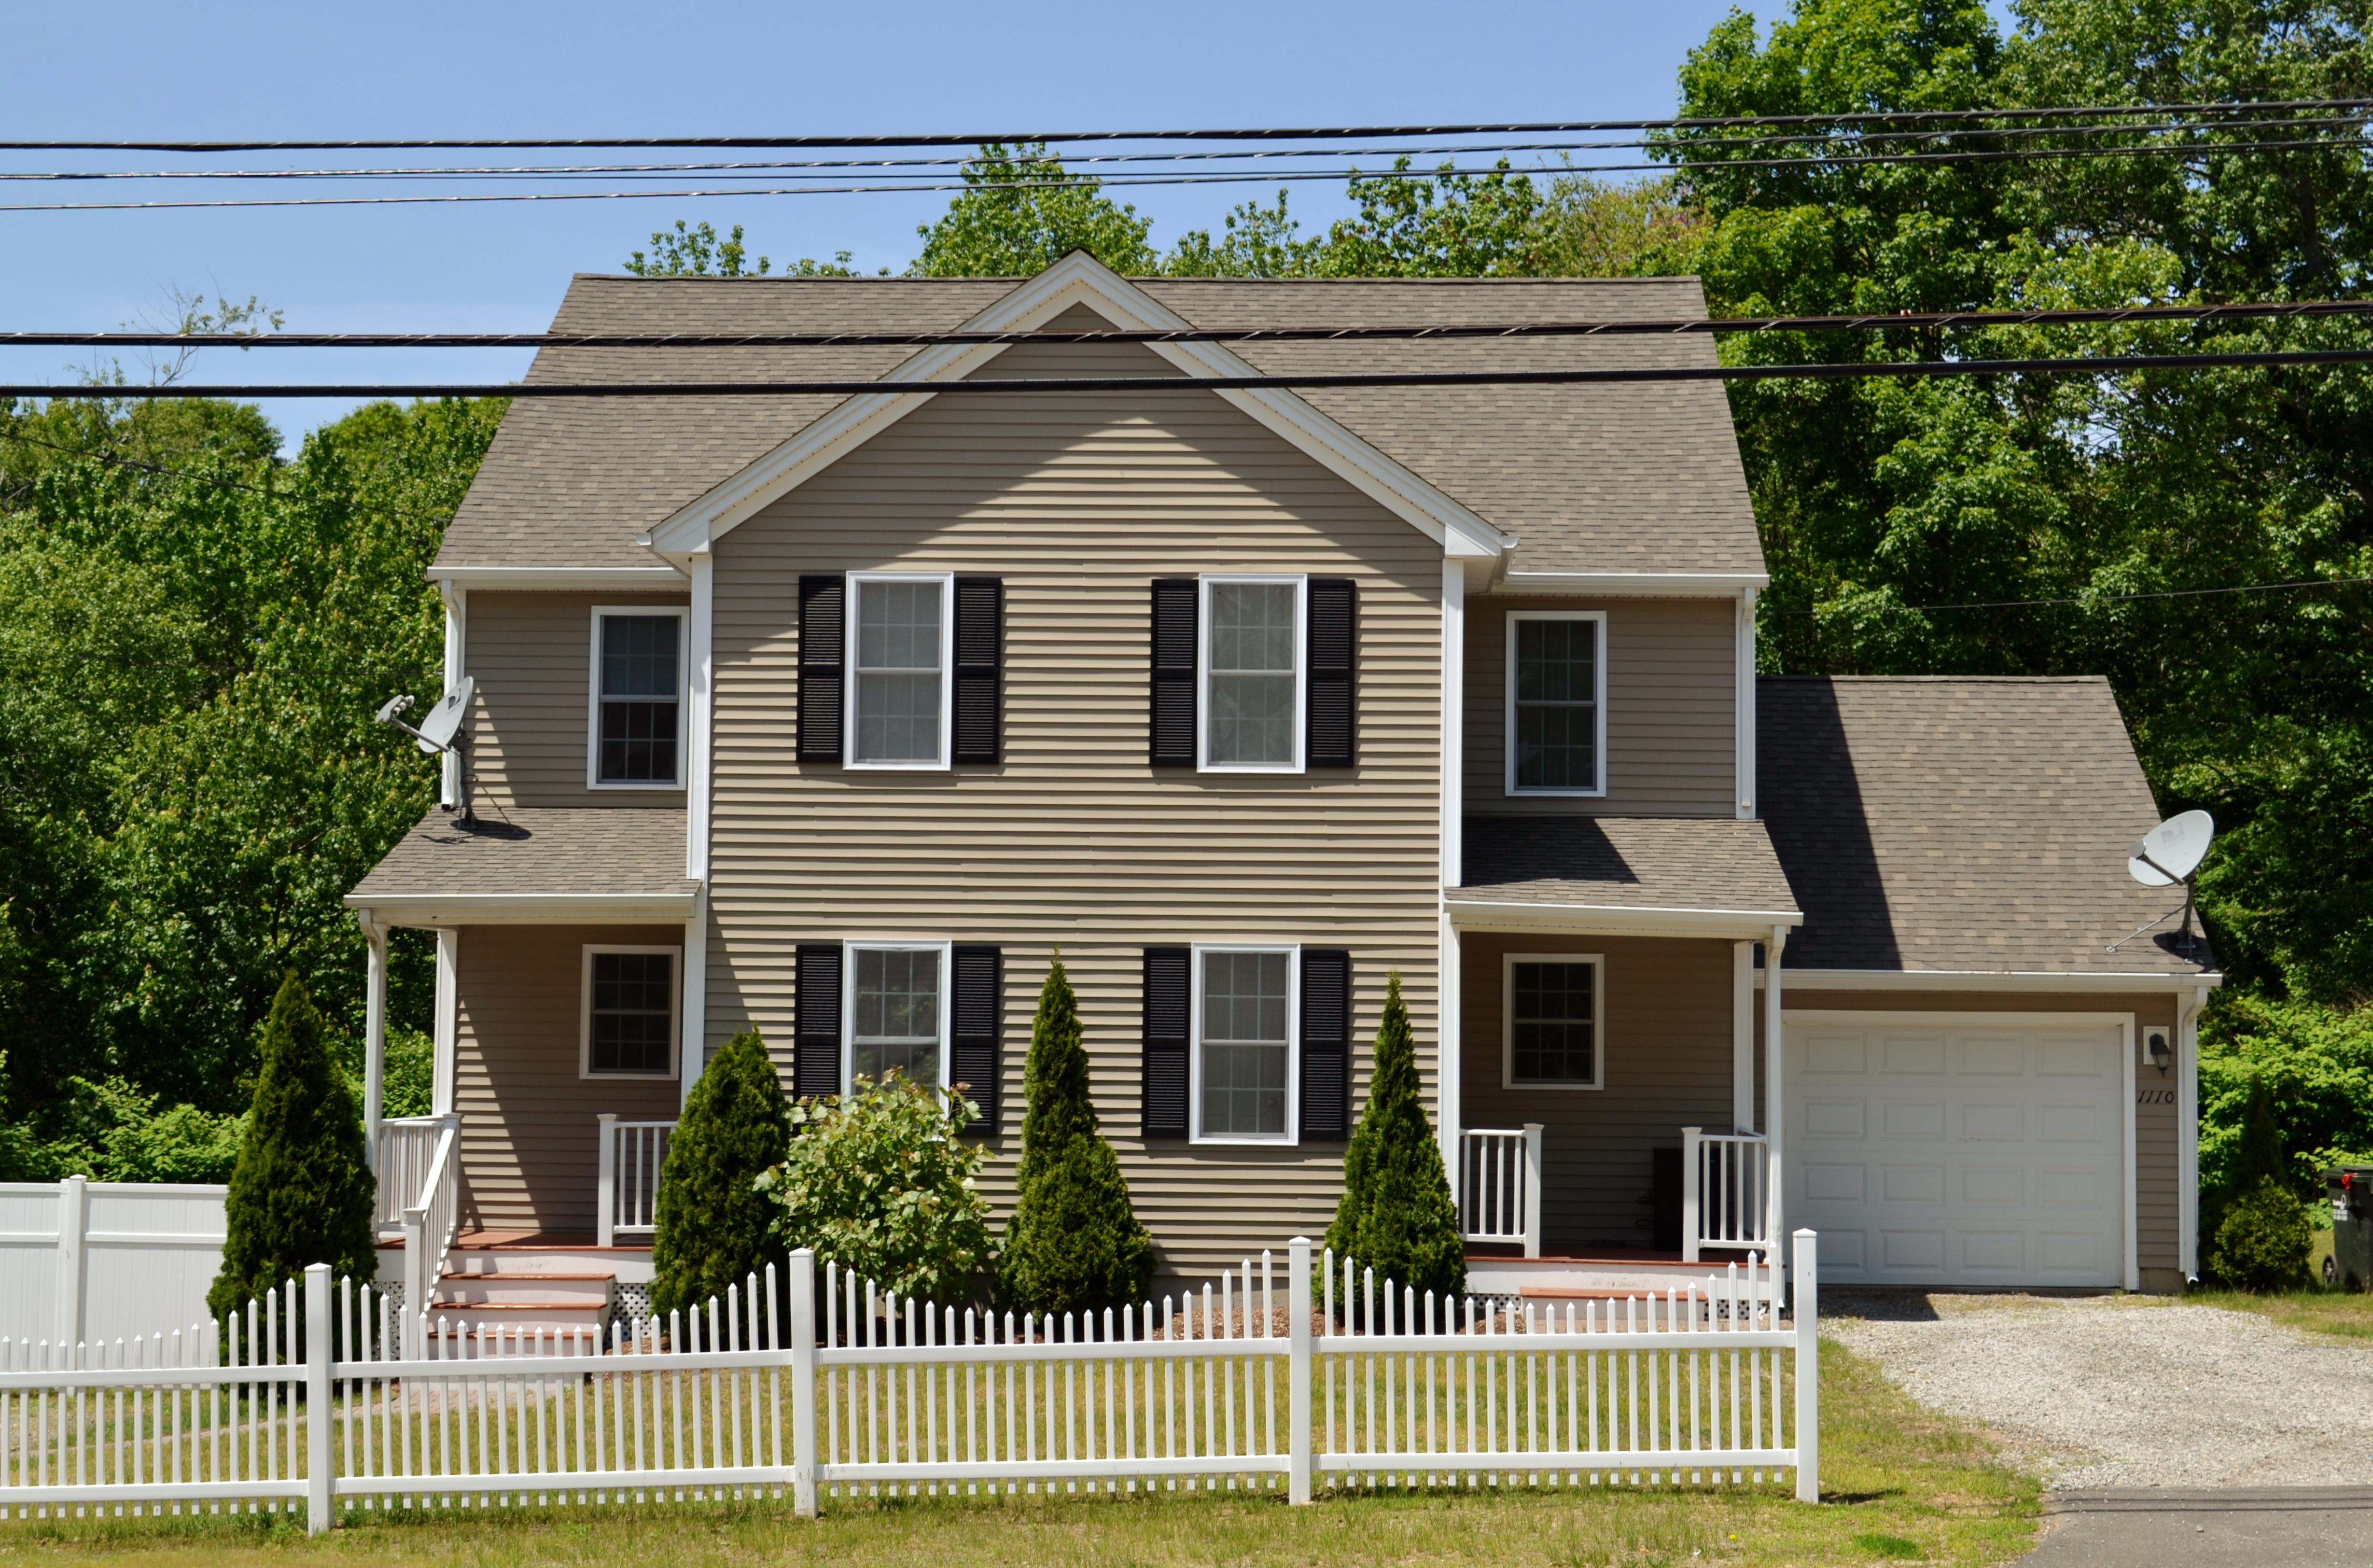 por un Venta en Location 1110 Old Clinton Road Westbrook, Connecticut 06498 Estados Unidos